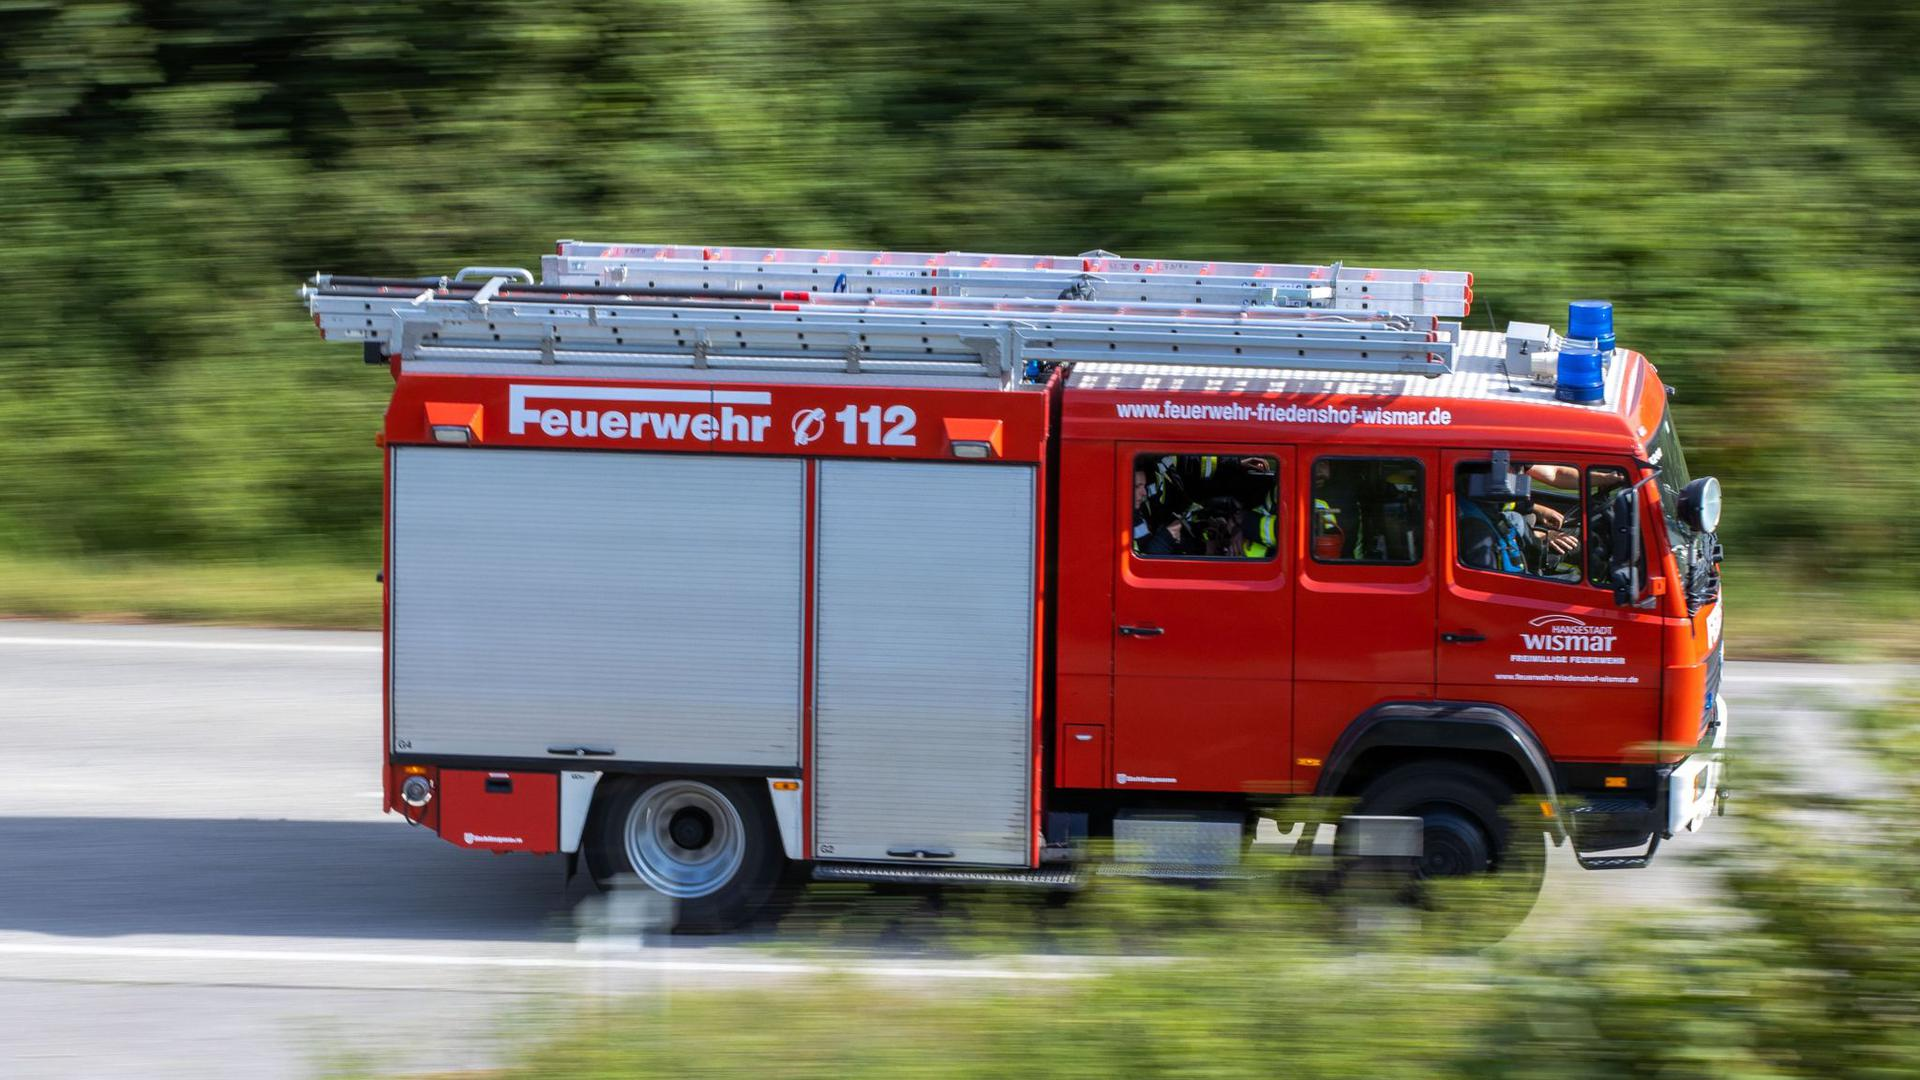 Ein Löschfahrzeug der Feuerwehr fährt zu einem Einsatz.